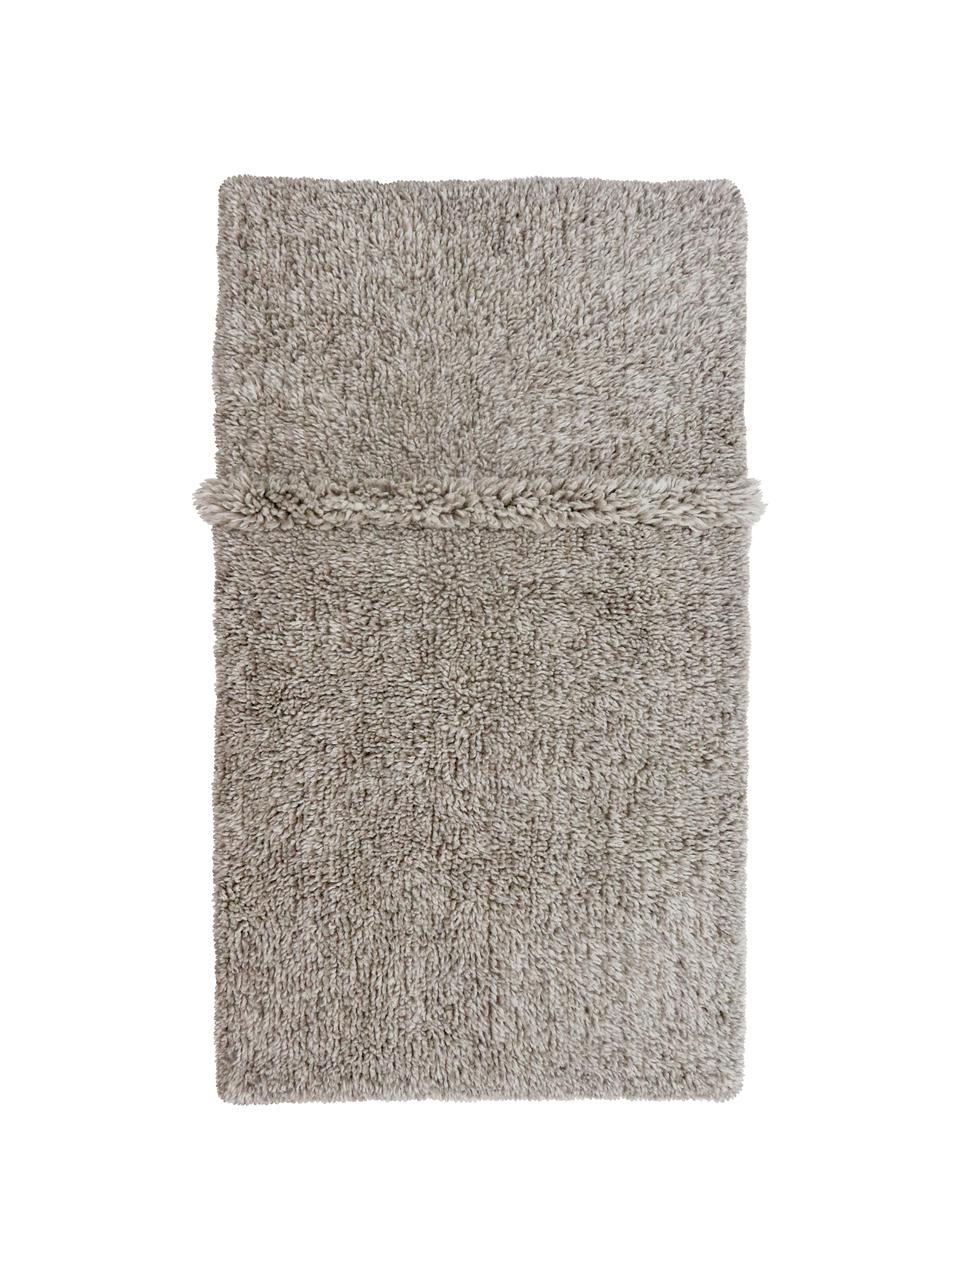 Tapis en laine gris fait main Tundra, lavable, Gris